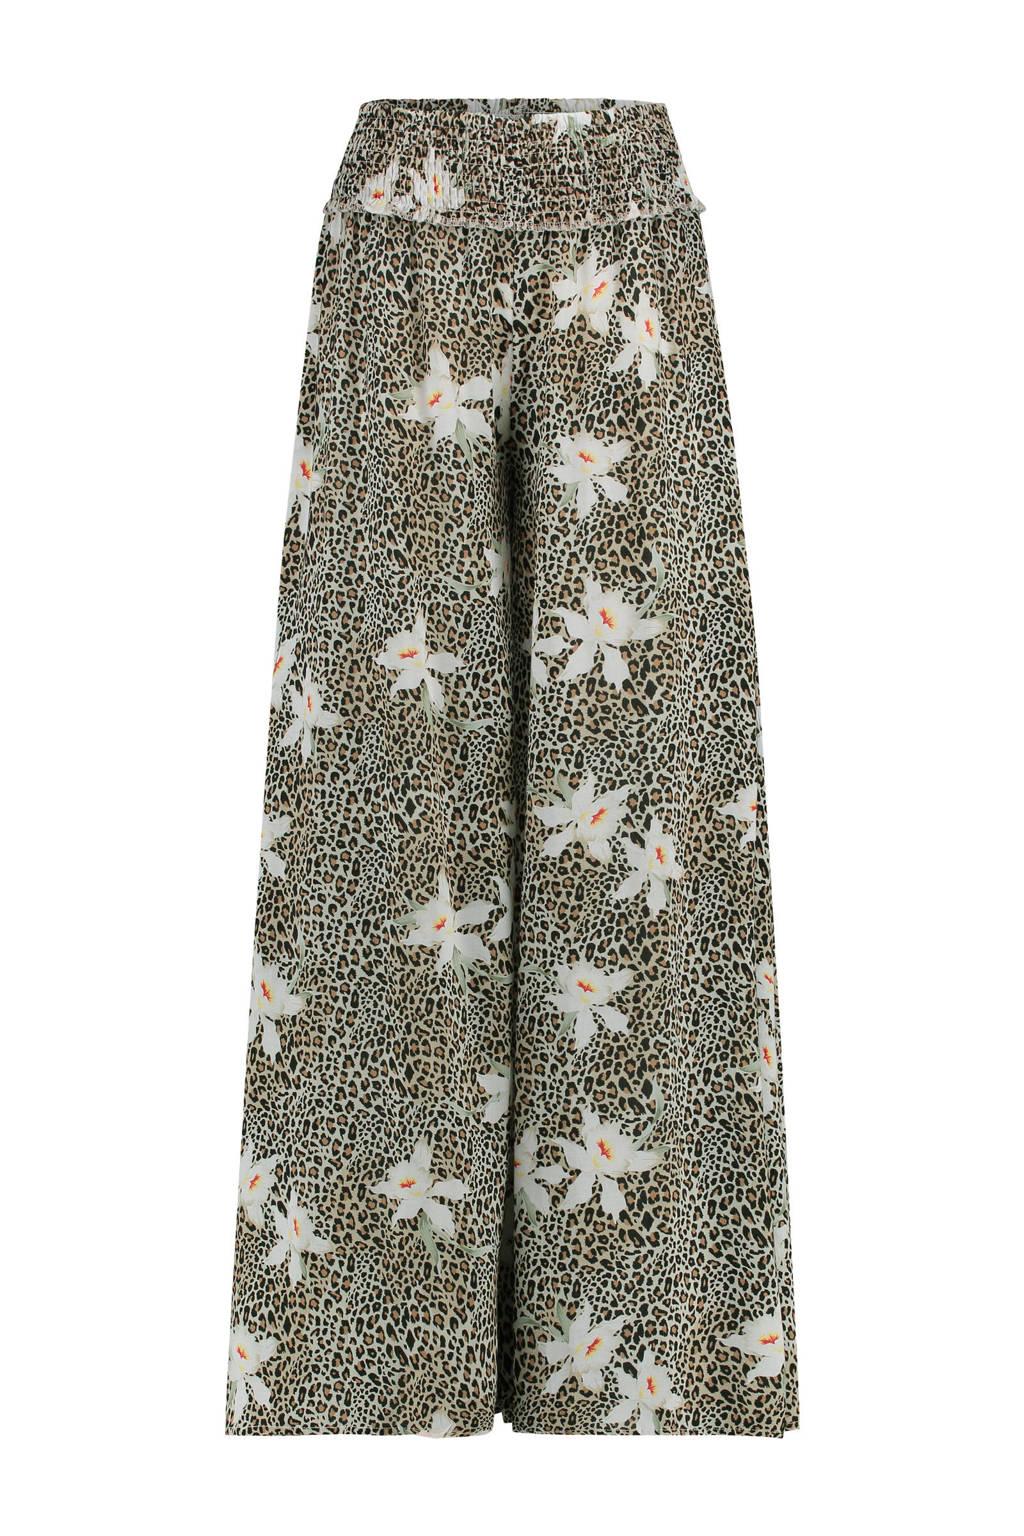 Catwalk Junkie wijde palazzo broek met panterprint, Bruin/zwart/wit/groen